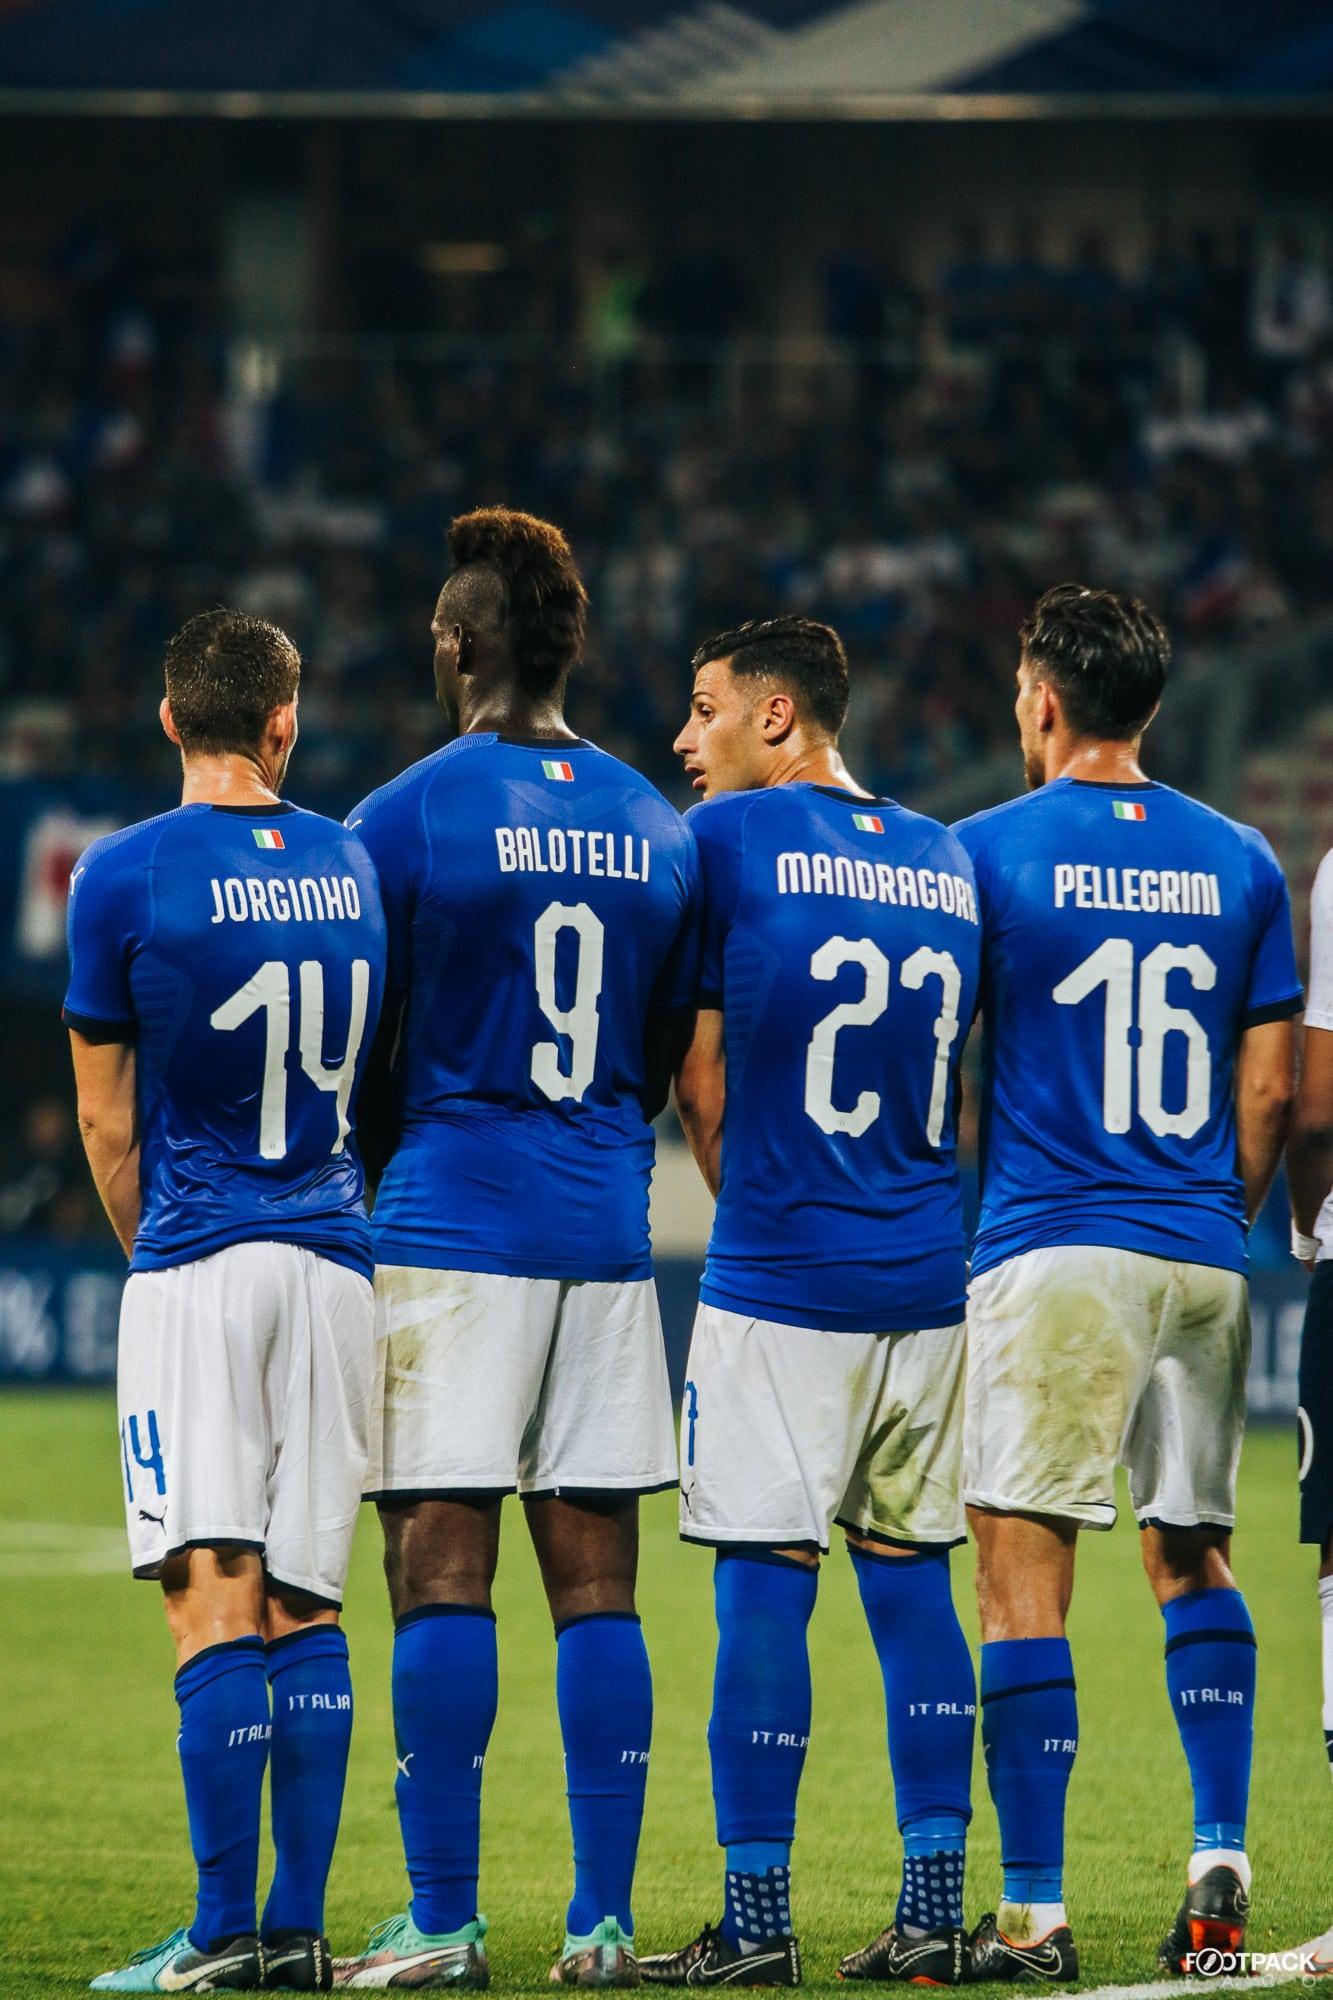 pourquoi-italie-joue-en-bleu-footpack-3